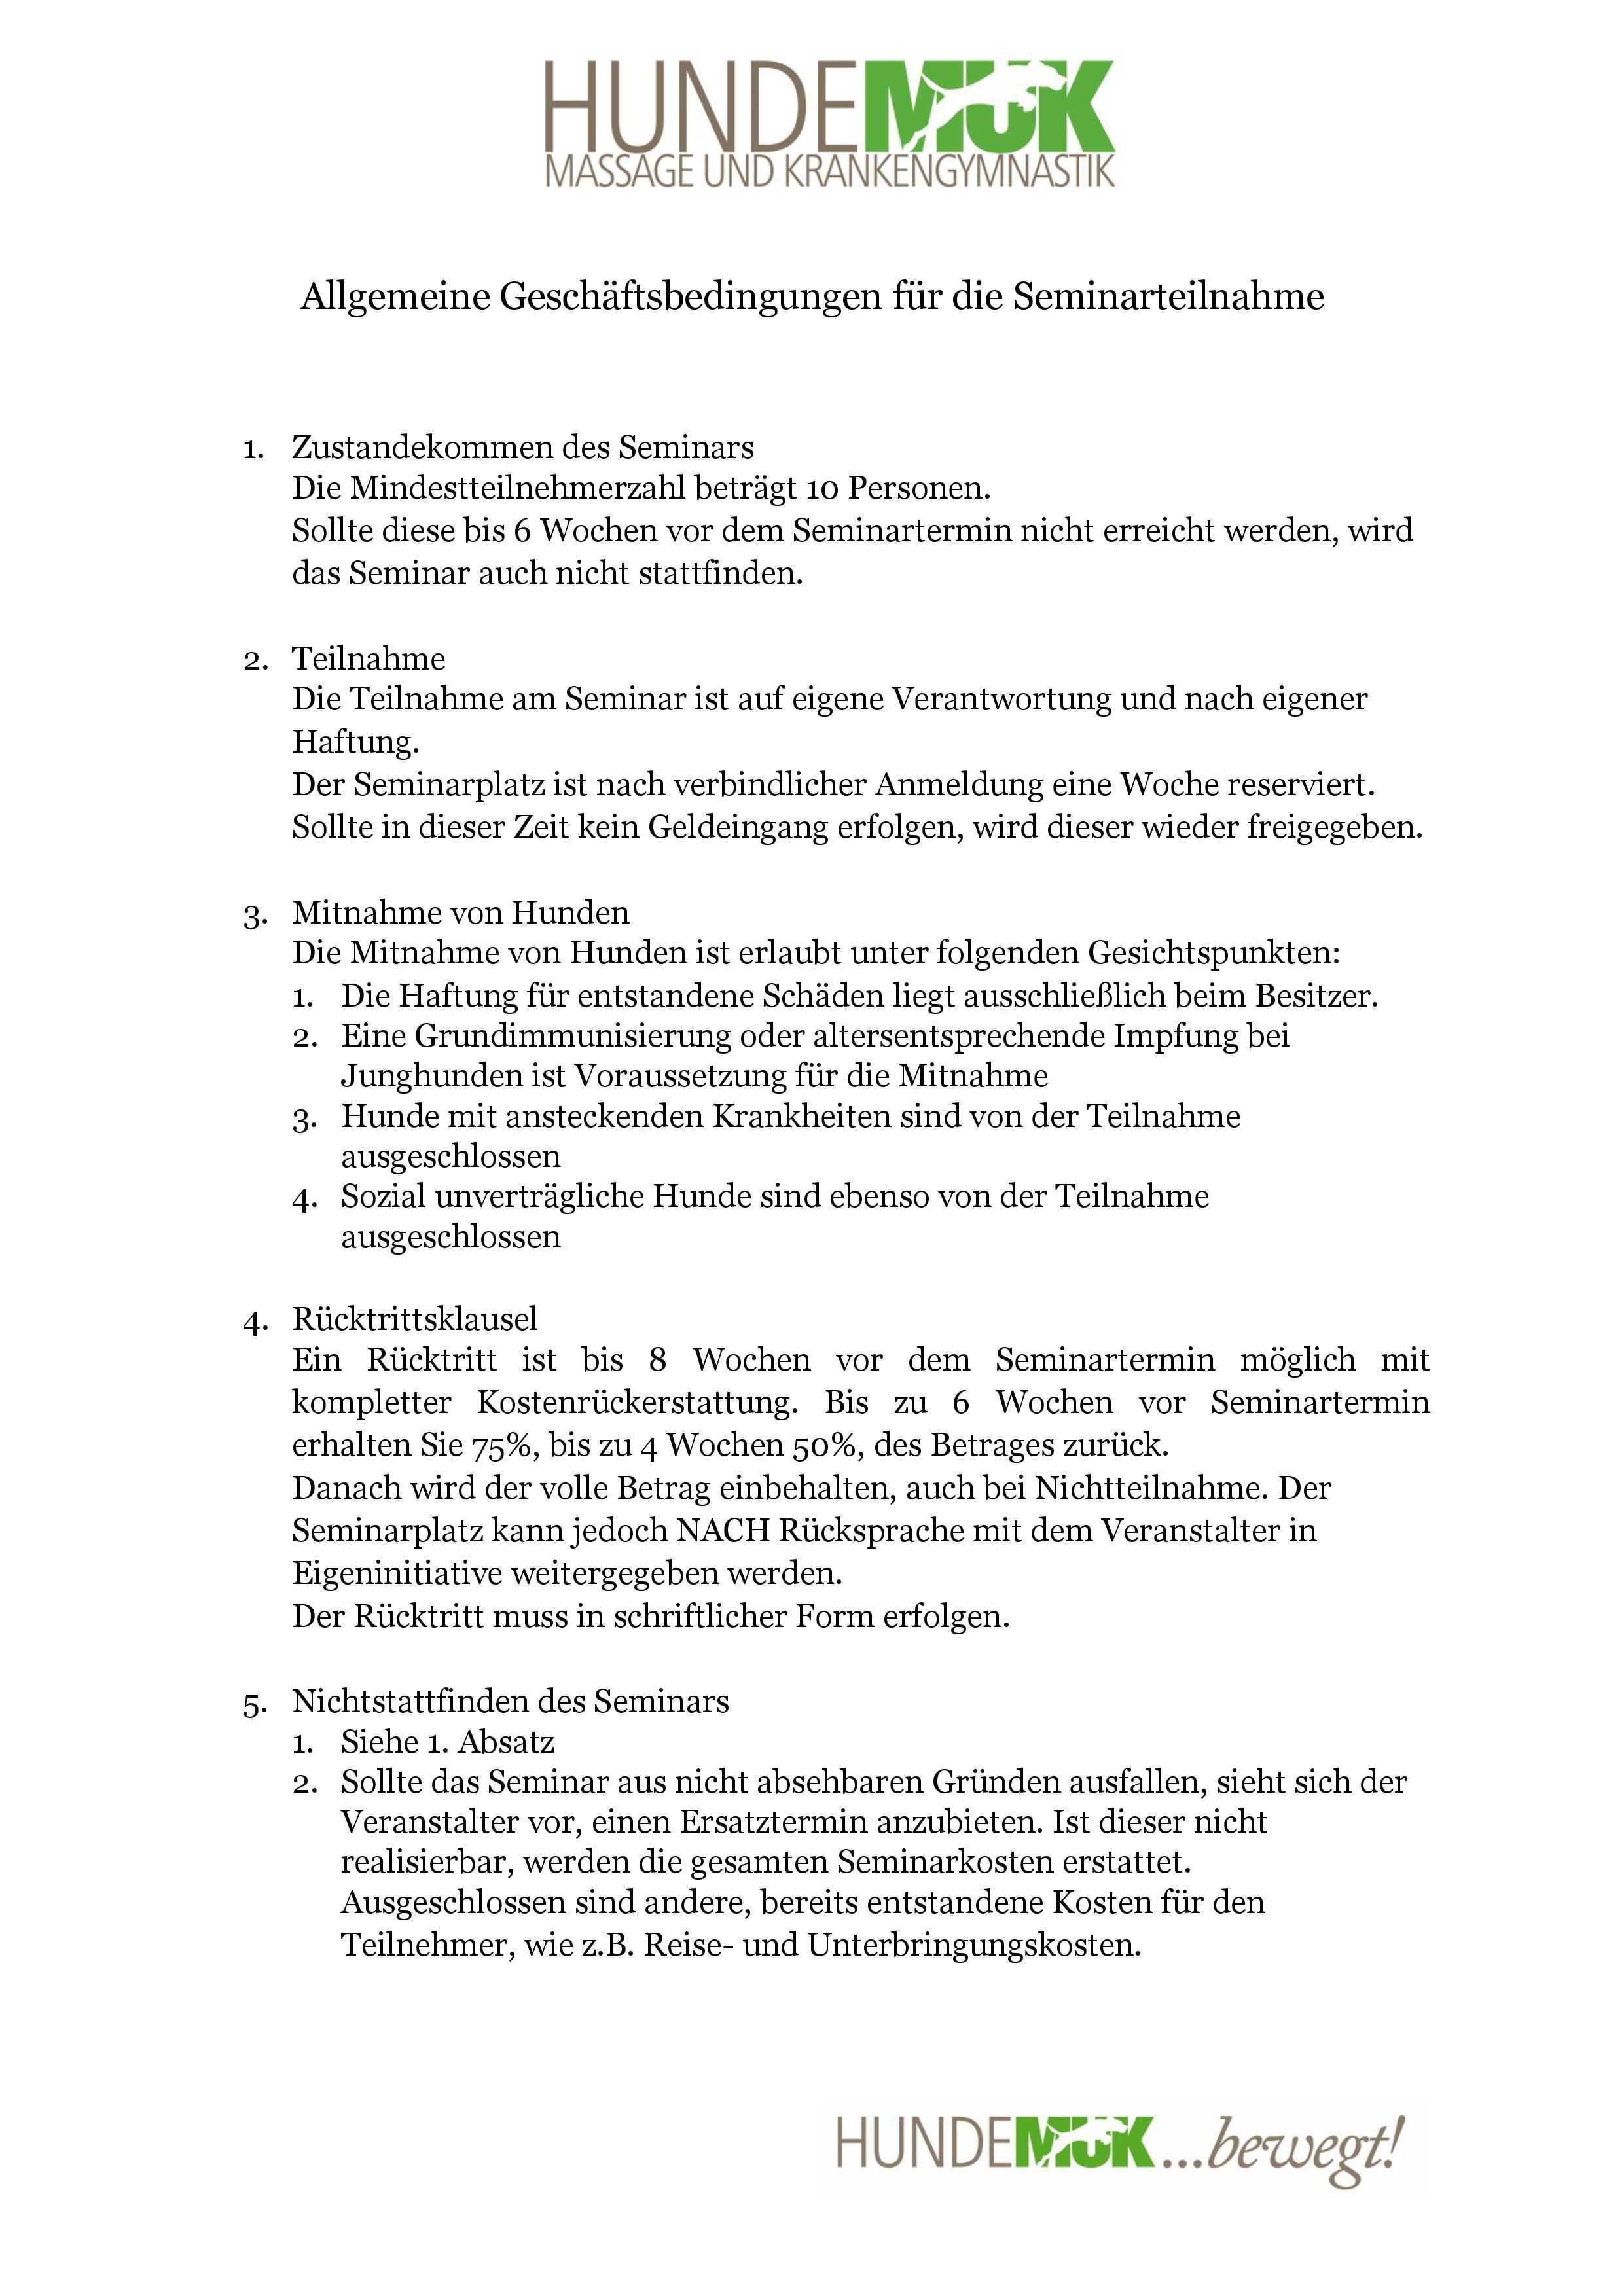 Attractive Geldeingang Form Pdf Image - FORTSETZUNG ARBEITSBLATT ...